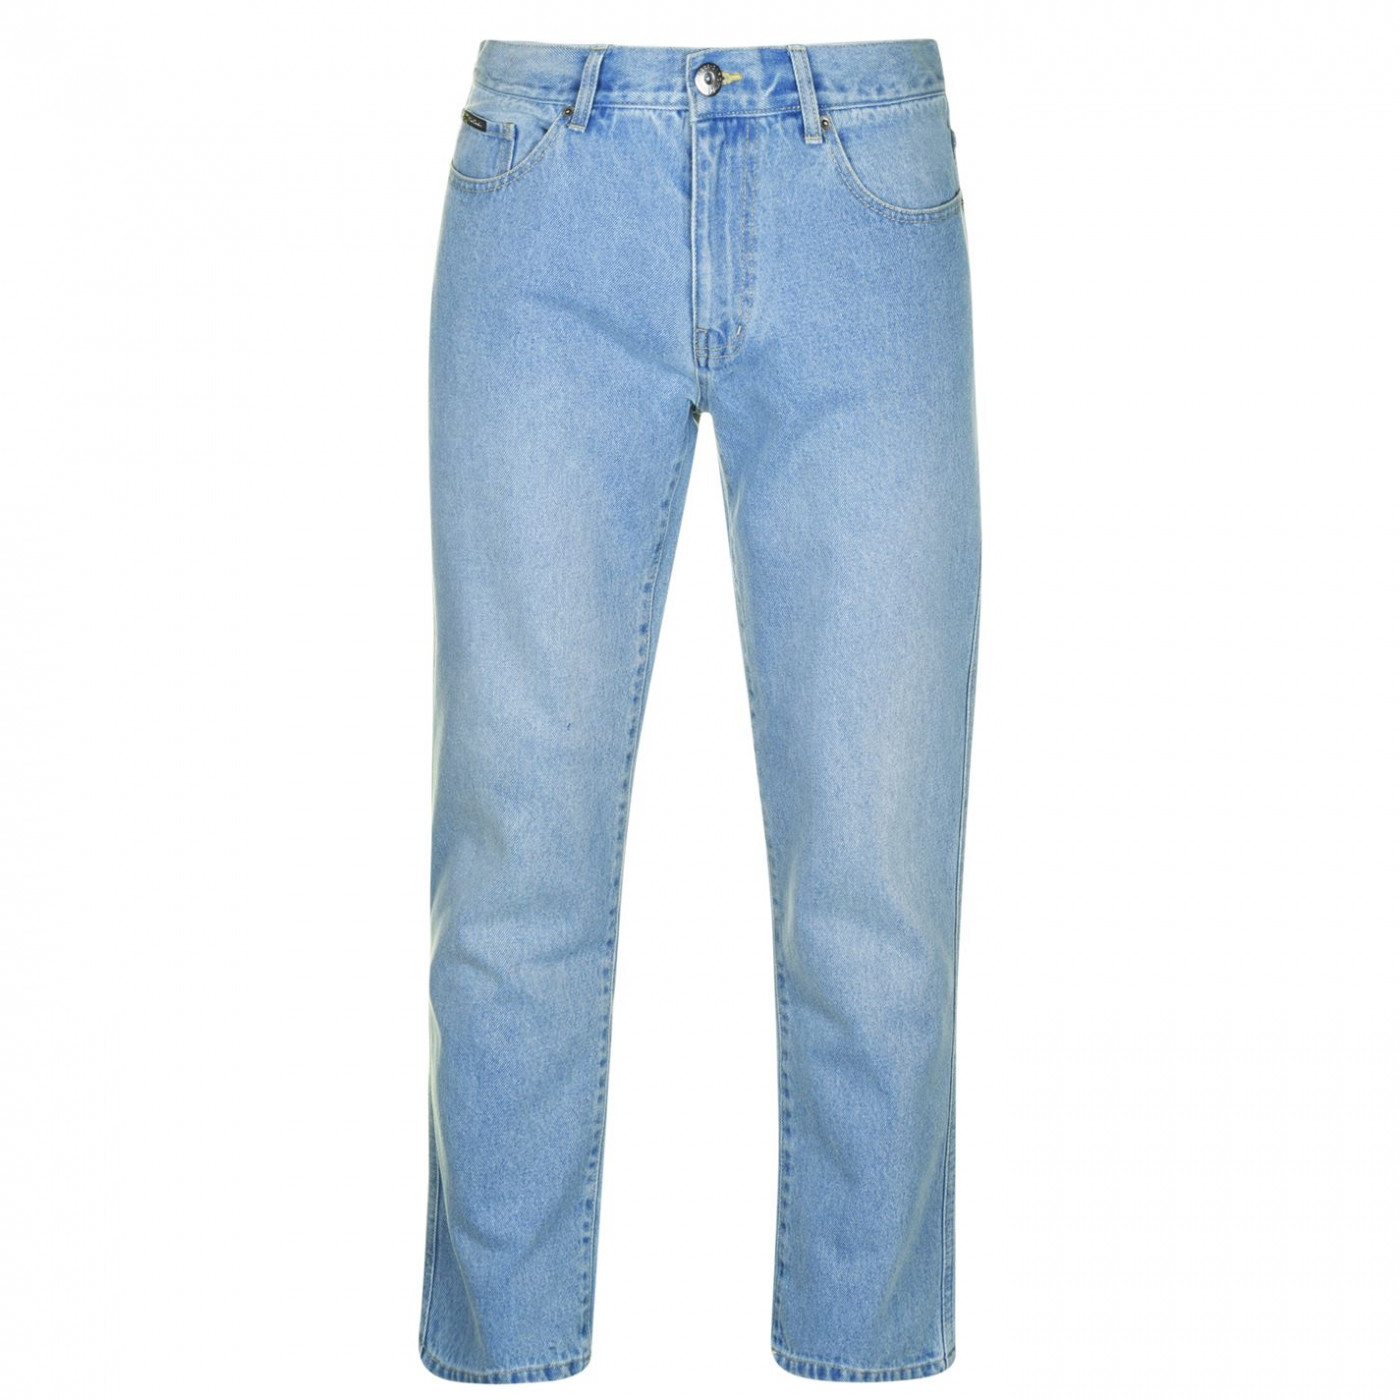 Men's jeans Pierre Cardin Regular